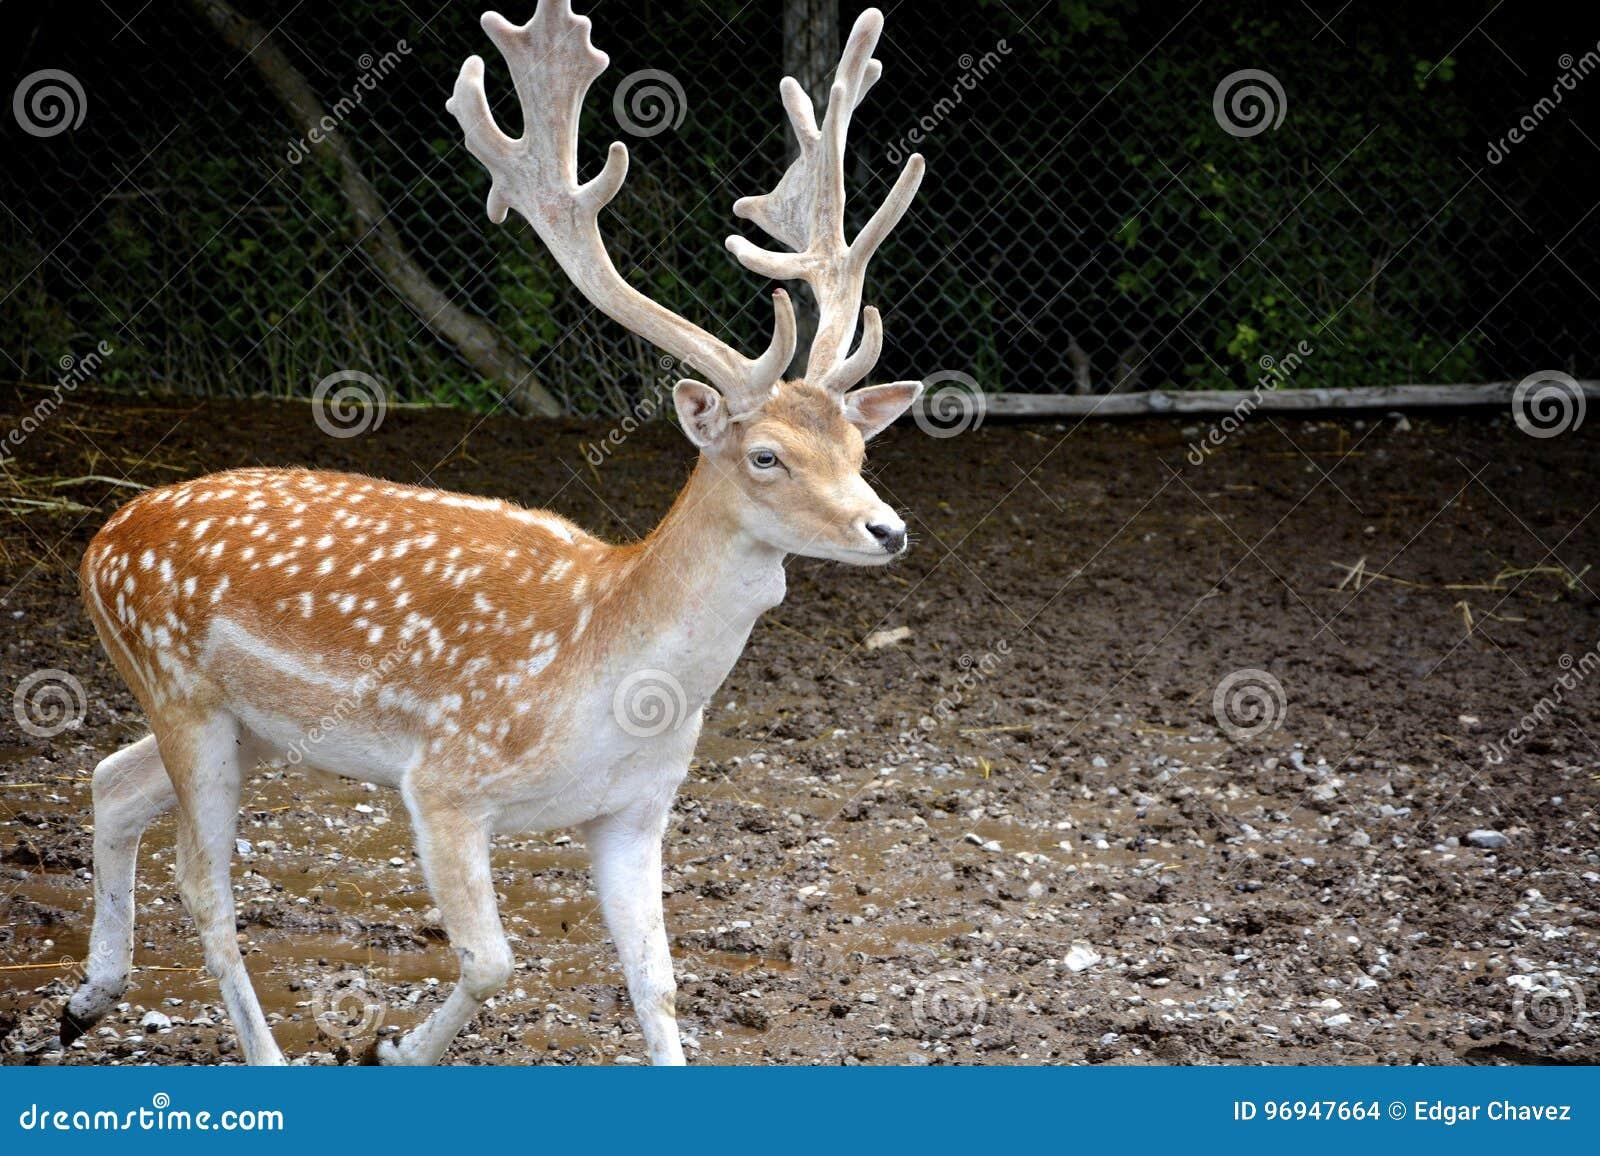 Deer with big antlers